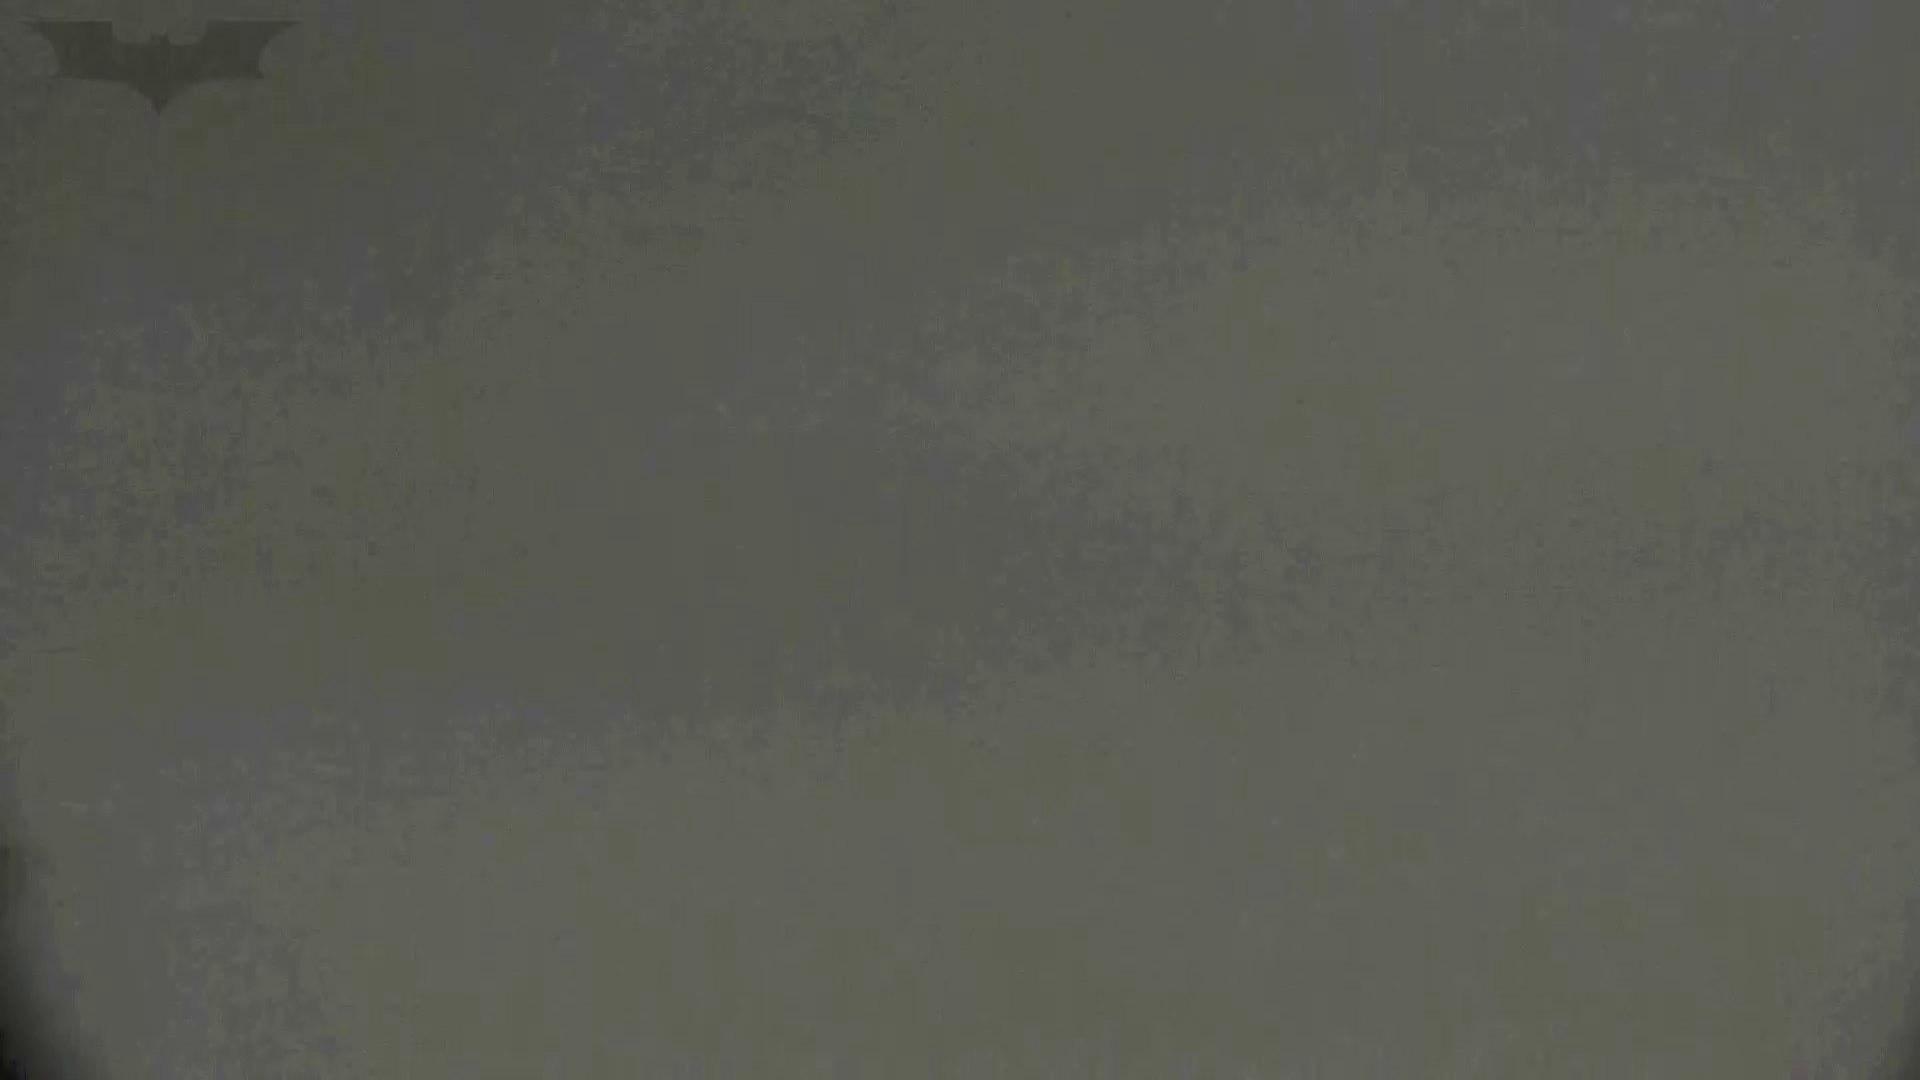 洗面所特攻隊 vol.73 ラスト3澄ました顔して、まさかの脱肛!! 高画質 戯れ無修正画像 110画像 89